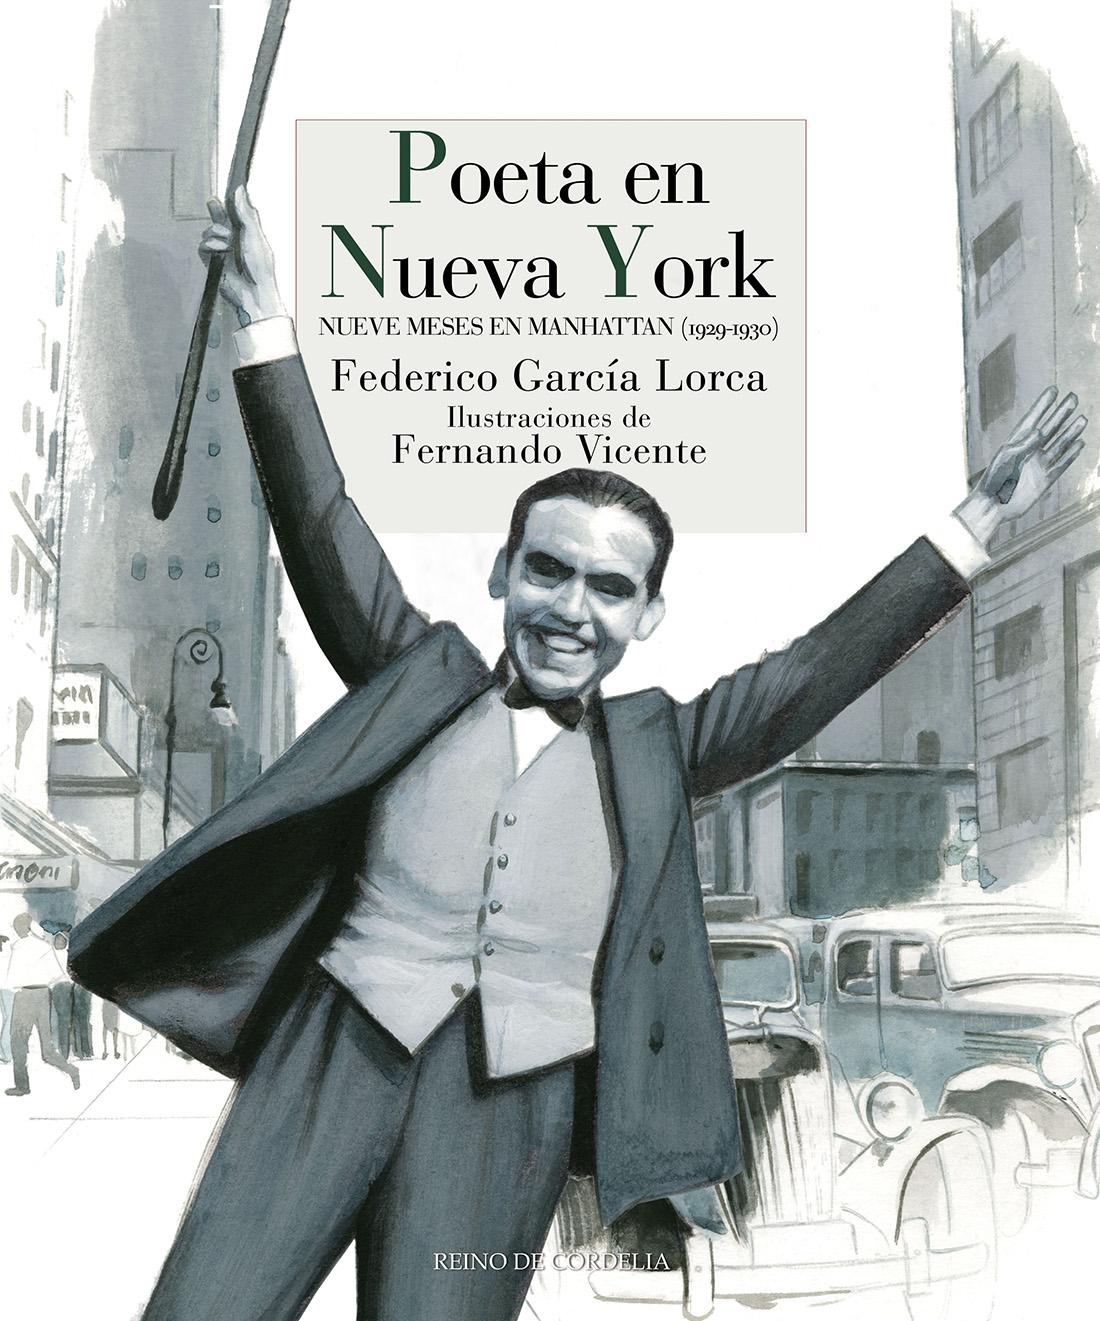 Resultado de imagen para poeta en nueva york